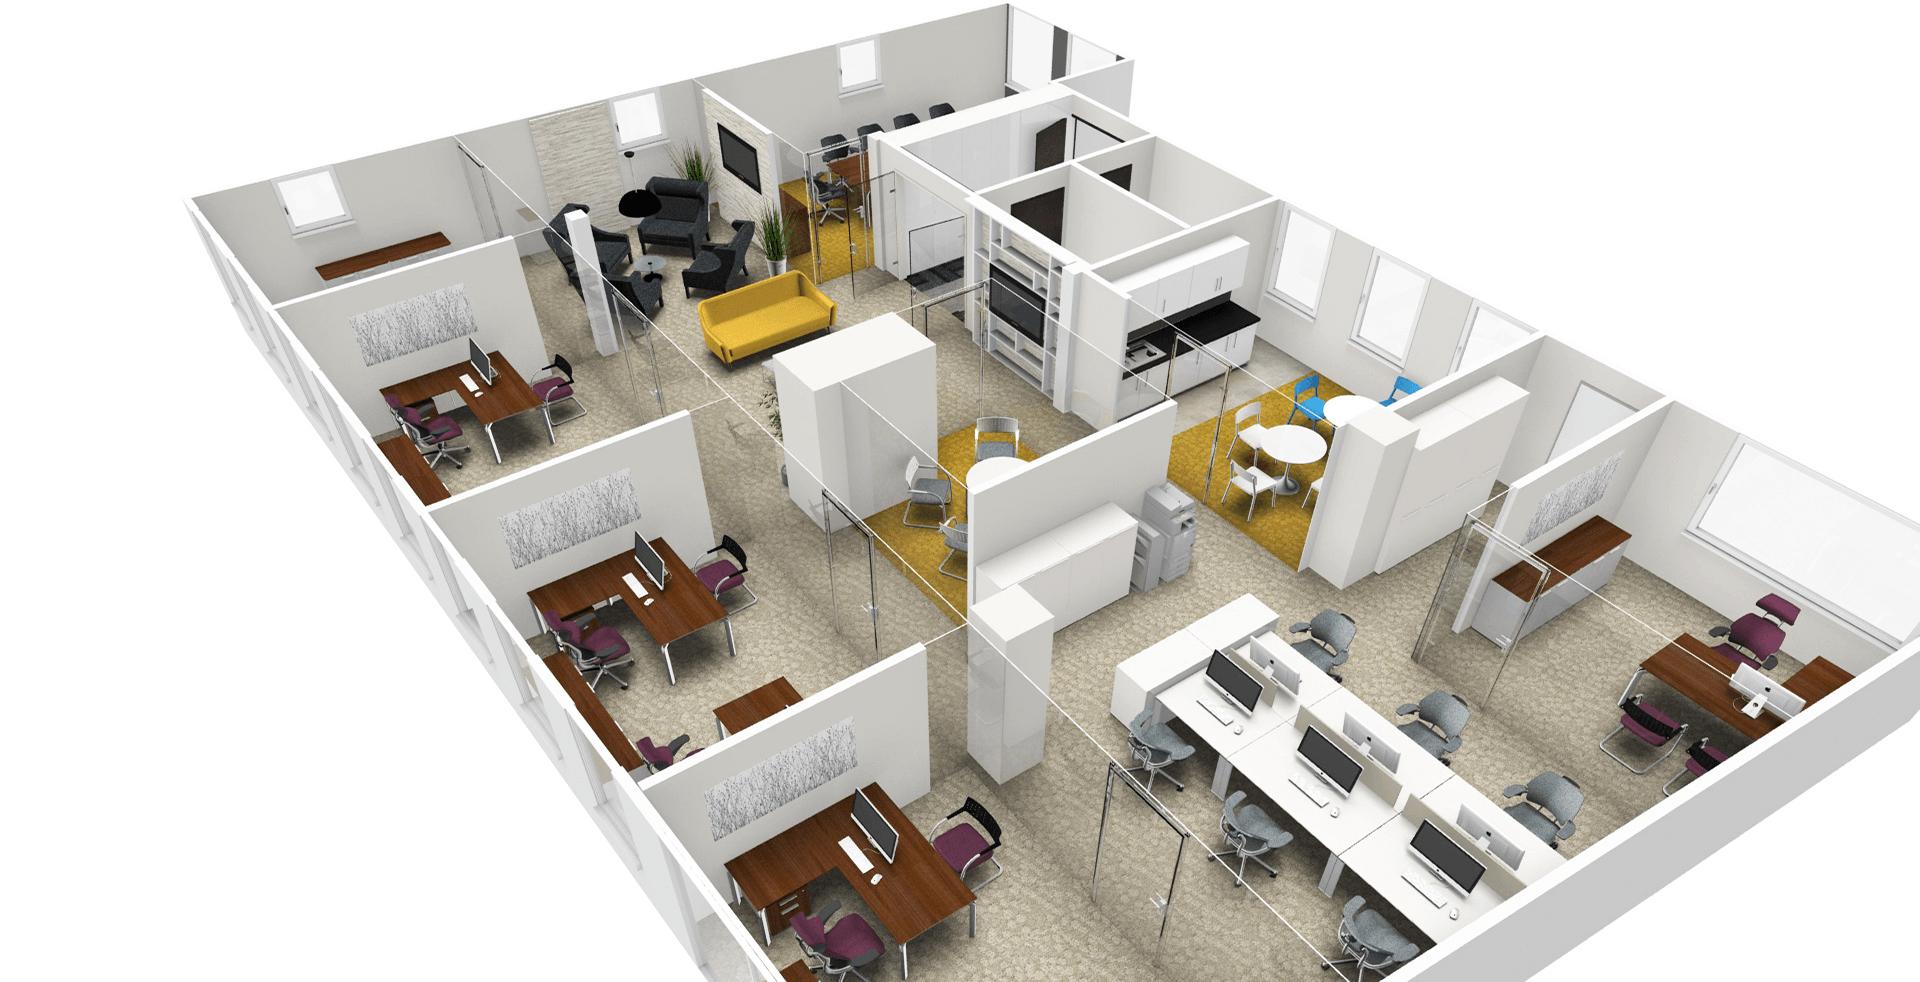 Cad Designer London Whiteleys Office Furniture